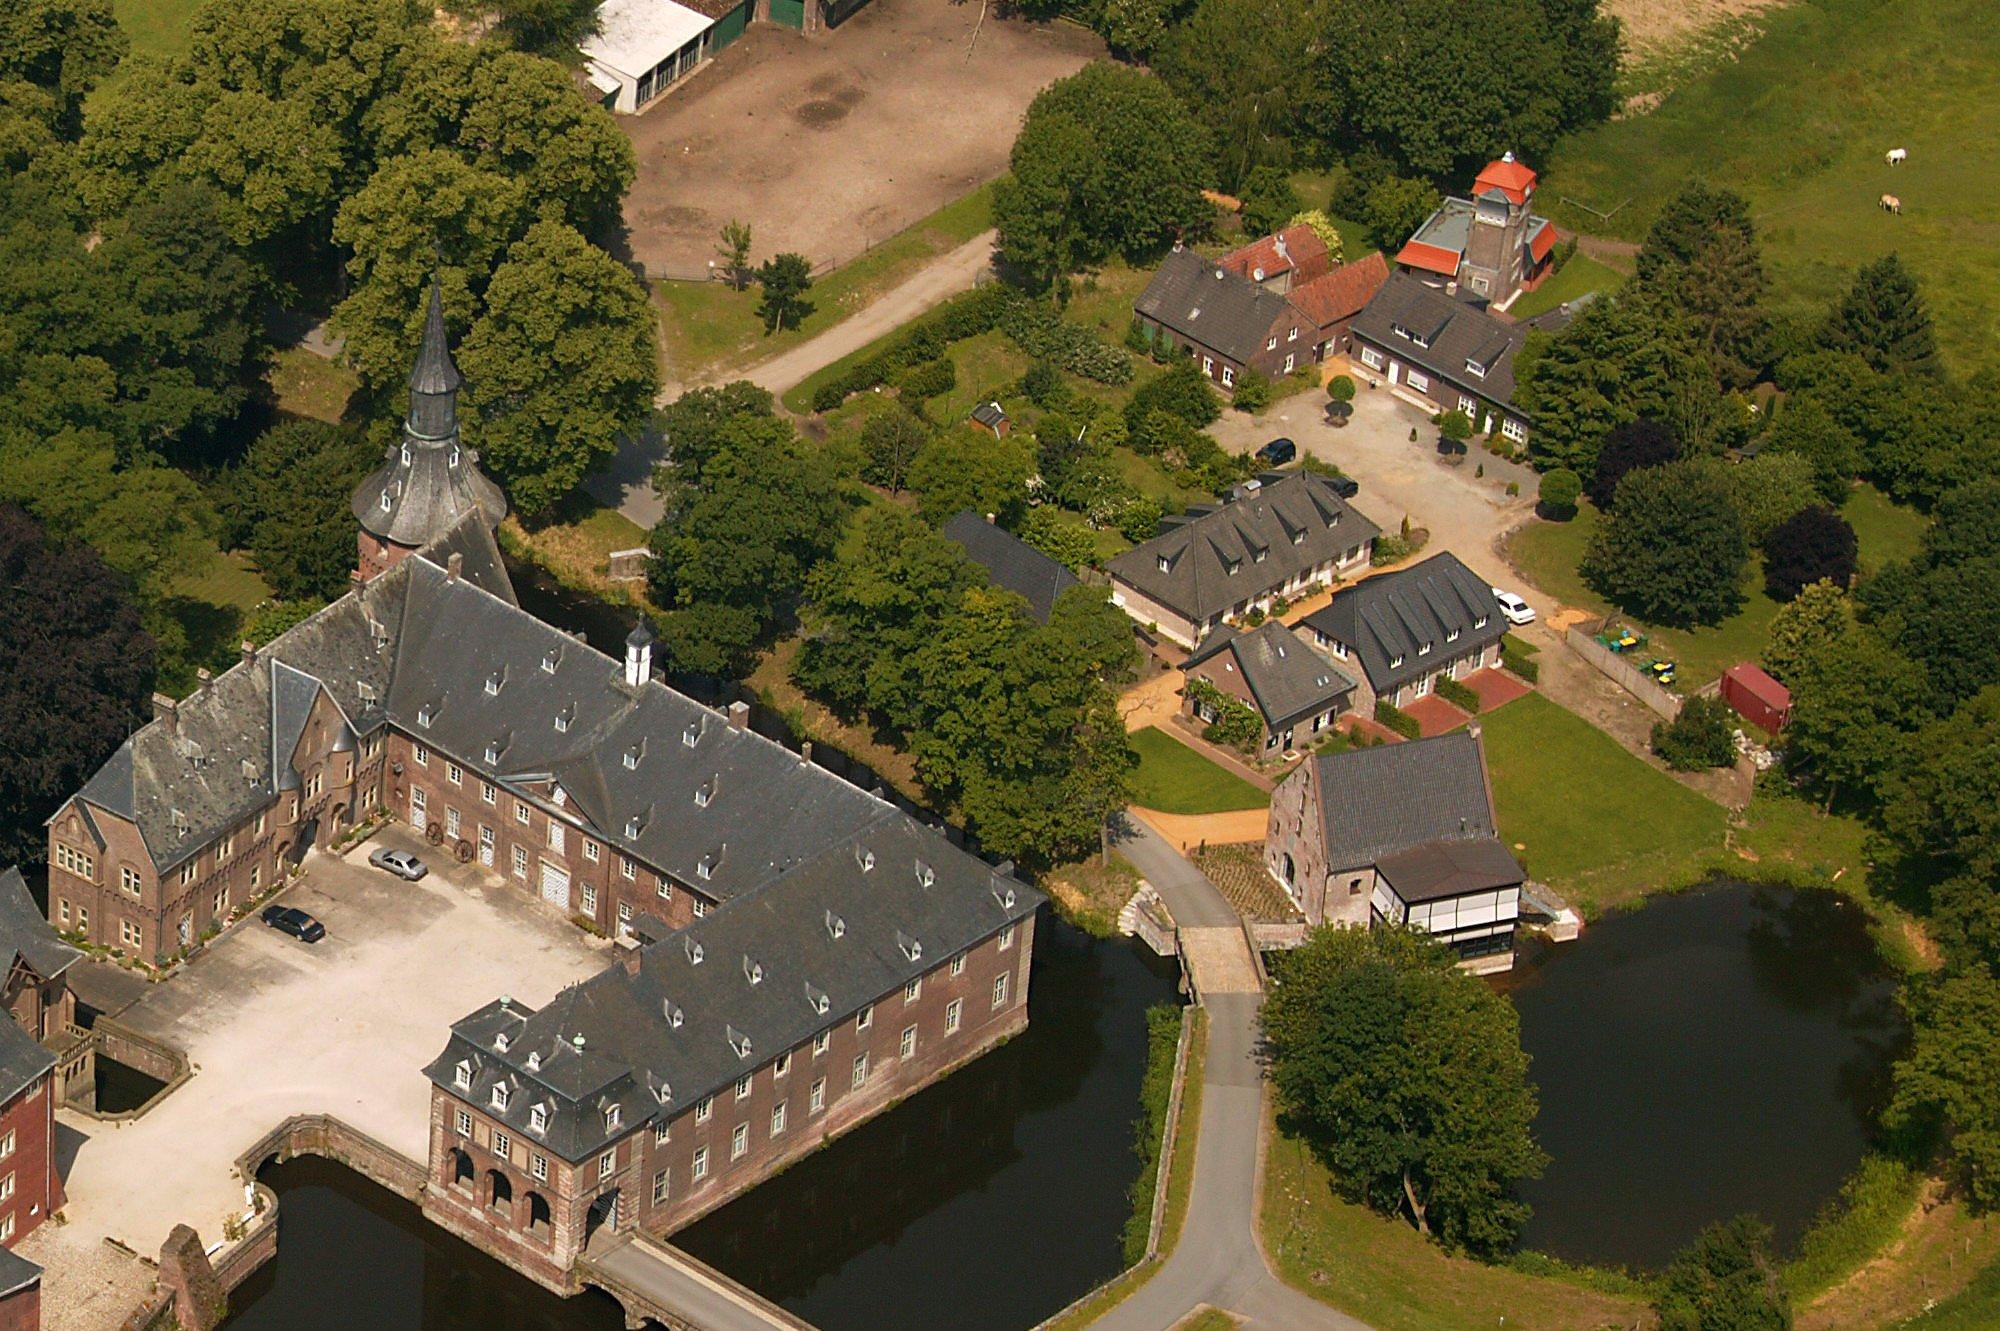 Hotel Weeze – Gästehäuser auf Schloss Wissen